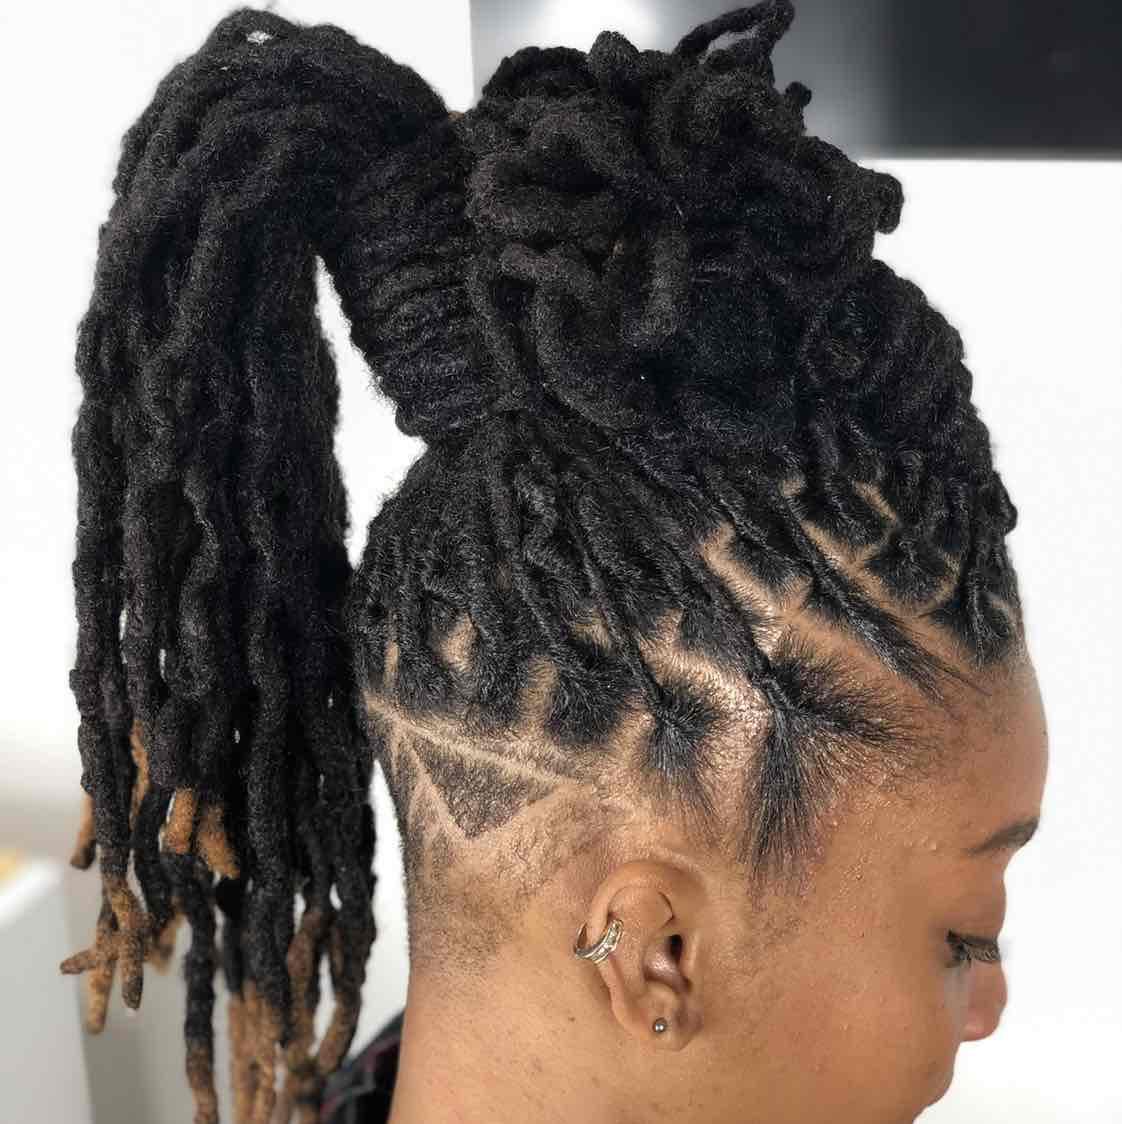 salon de coiffure afro tresse tresses box braids crochet braids vanilles tissages paris 75 77 78 91 92 93 94 95 HRFIYIVP